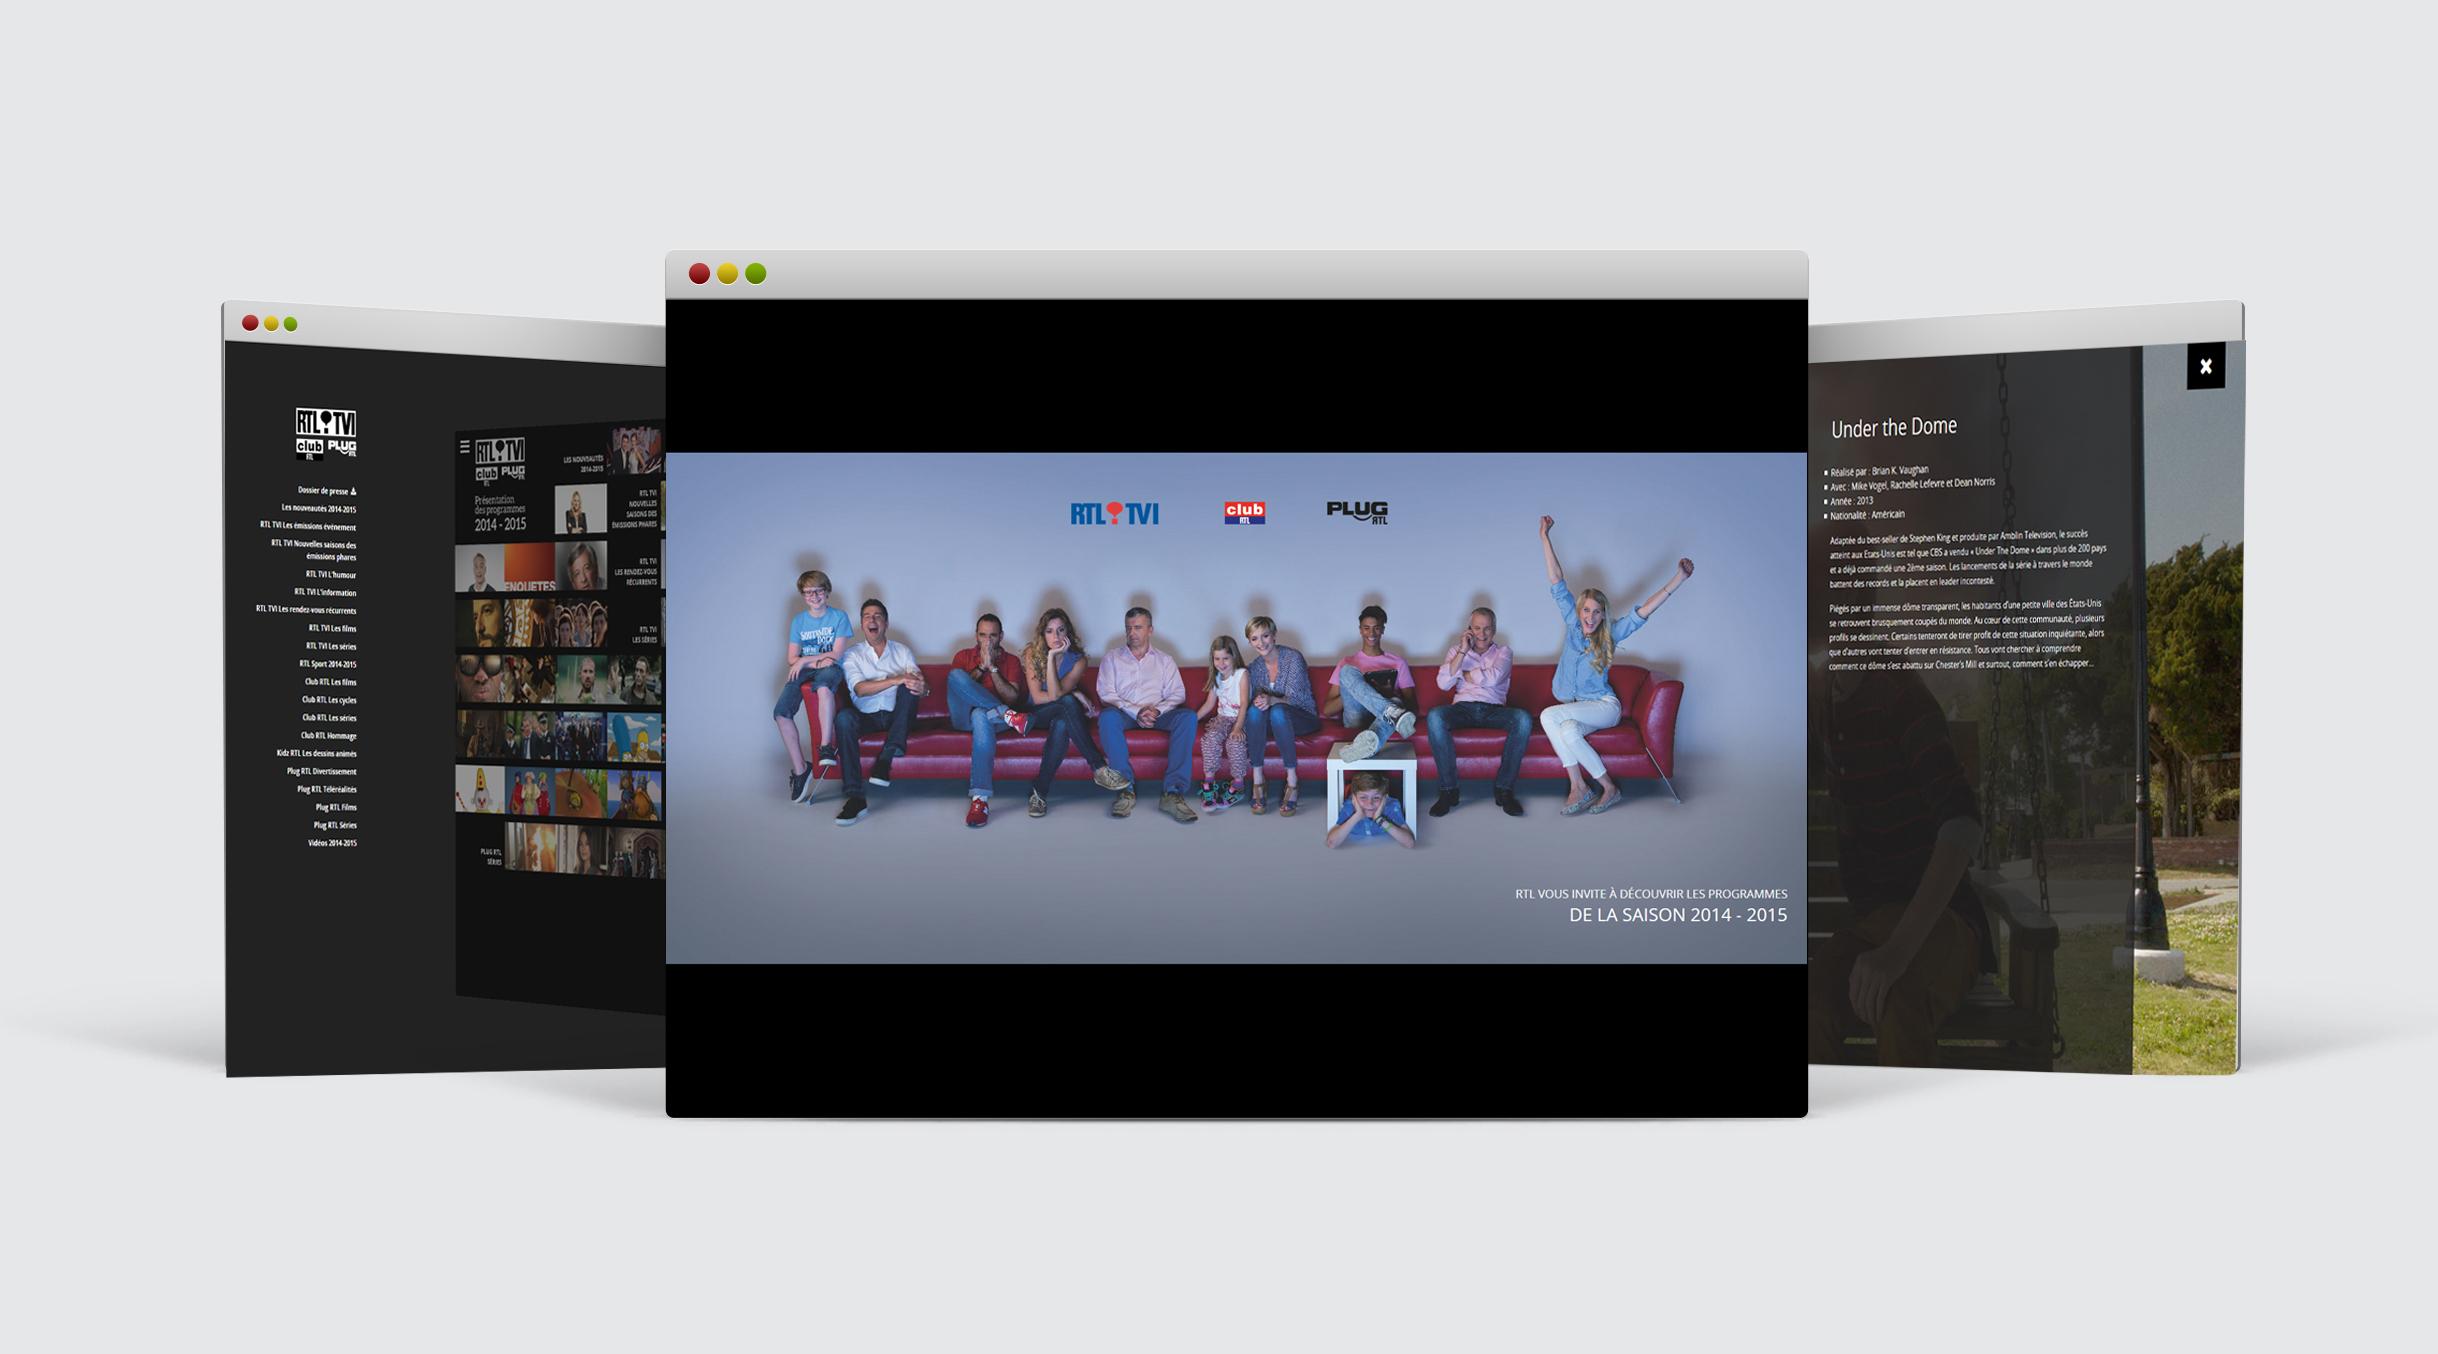 RTL TVI 1